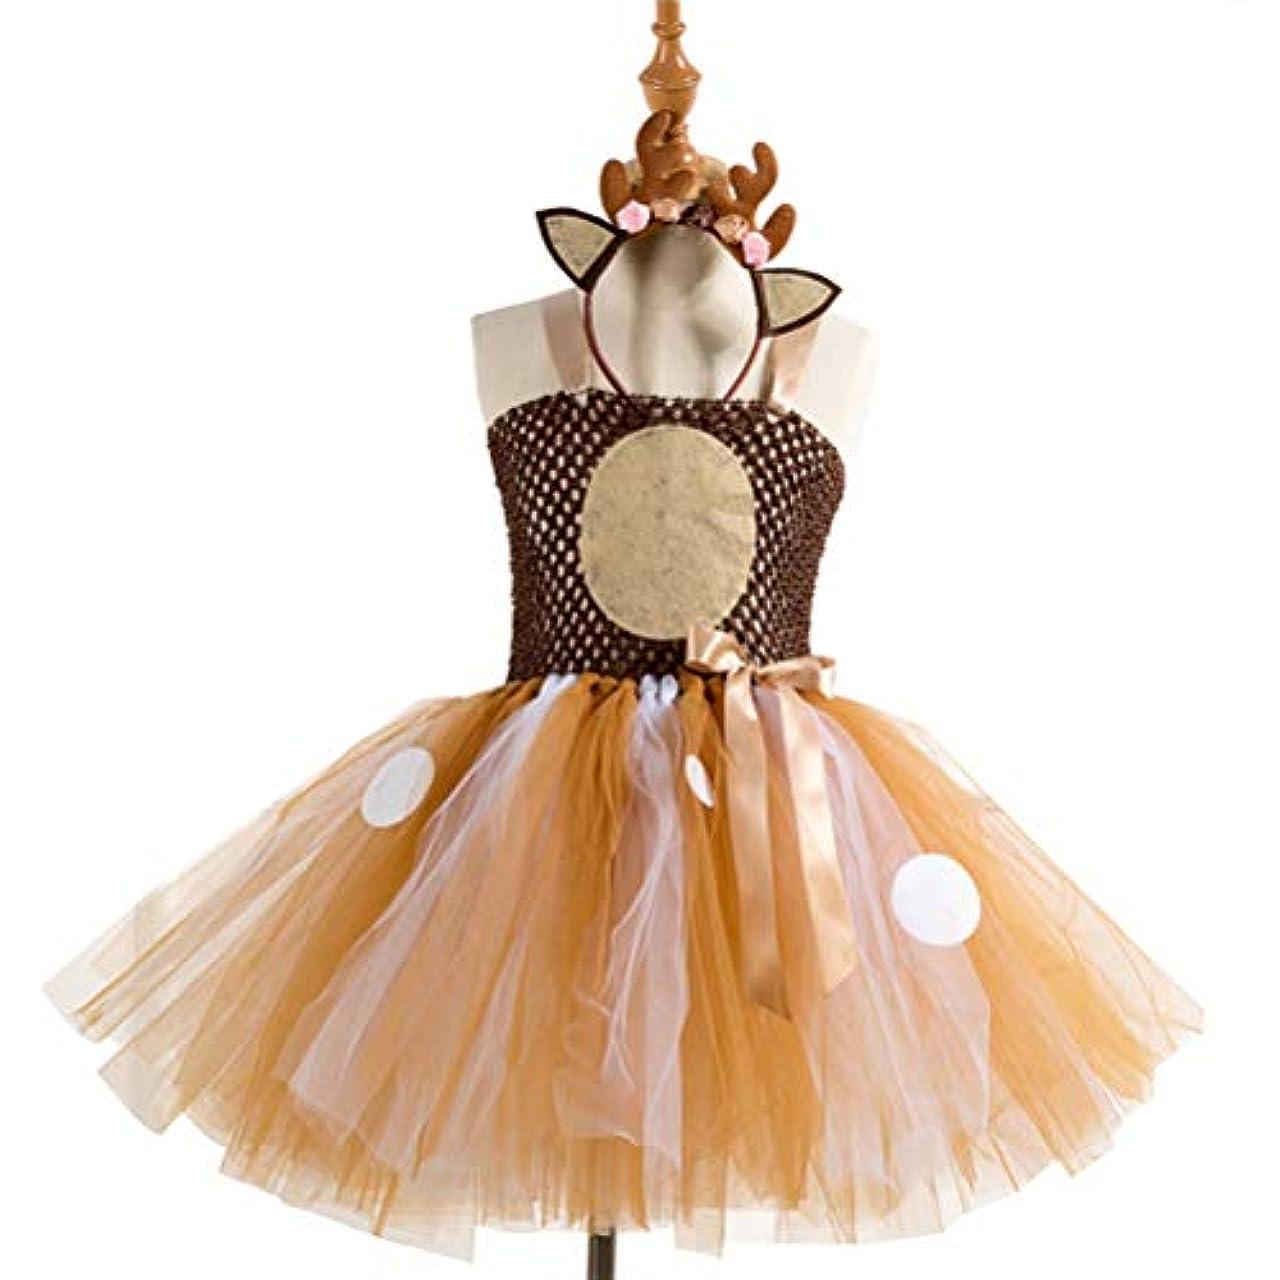 談話ペルー細いAmosfunガールズドレスアップエルクコスチュームラブリーチュチュワンピースツーピース帽子セットガーゼスカート(5-8歳)